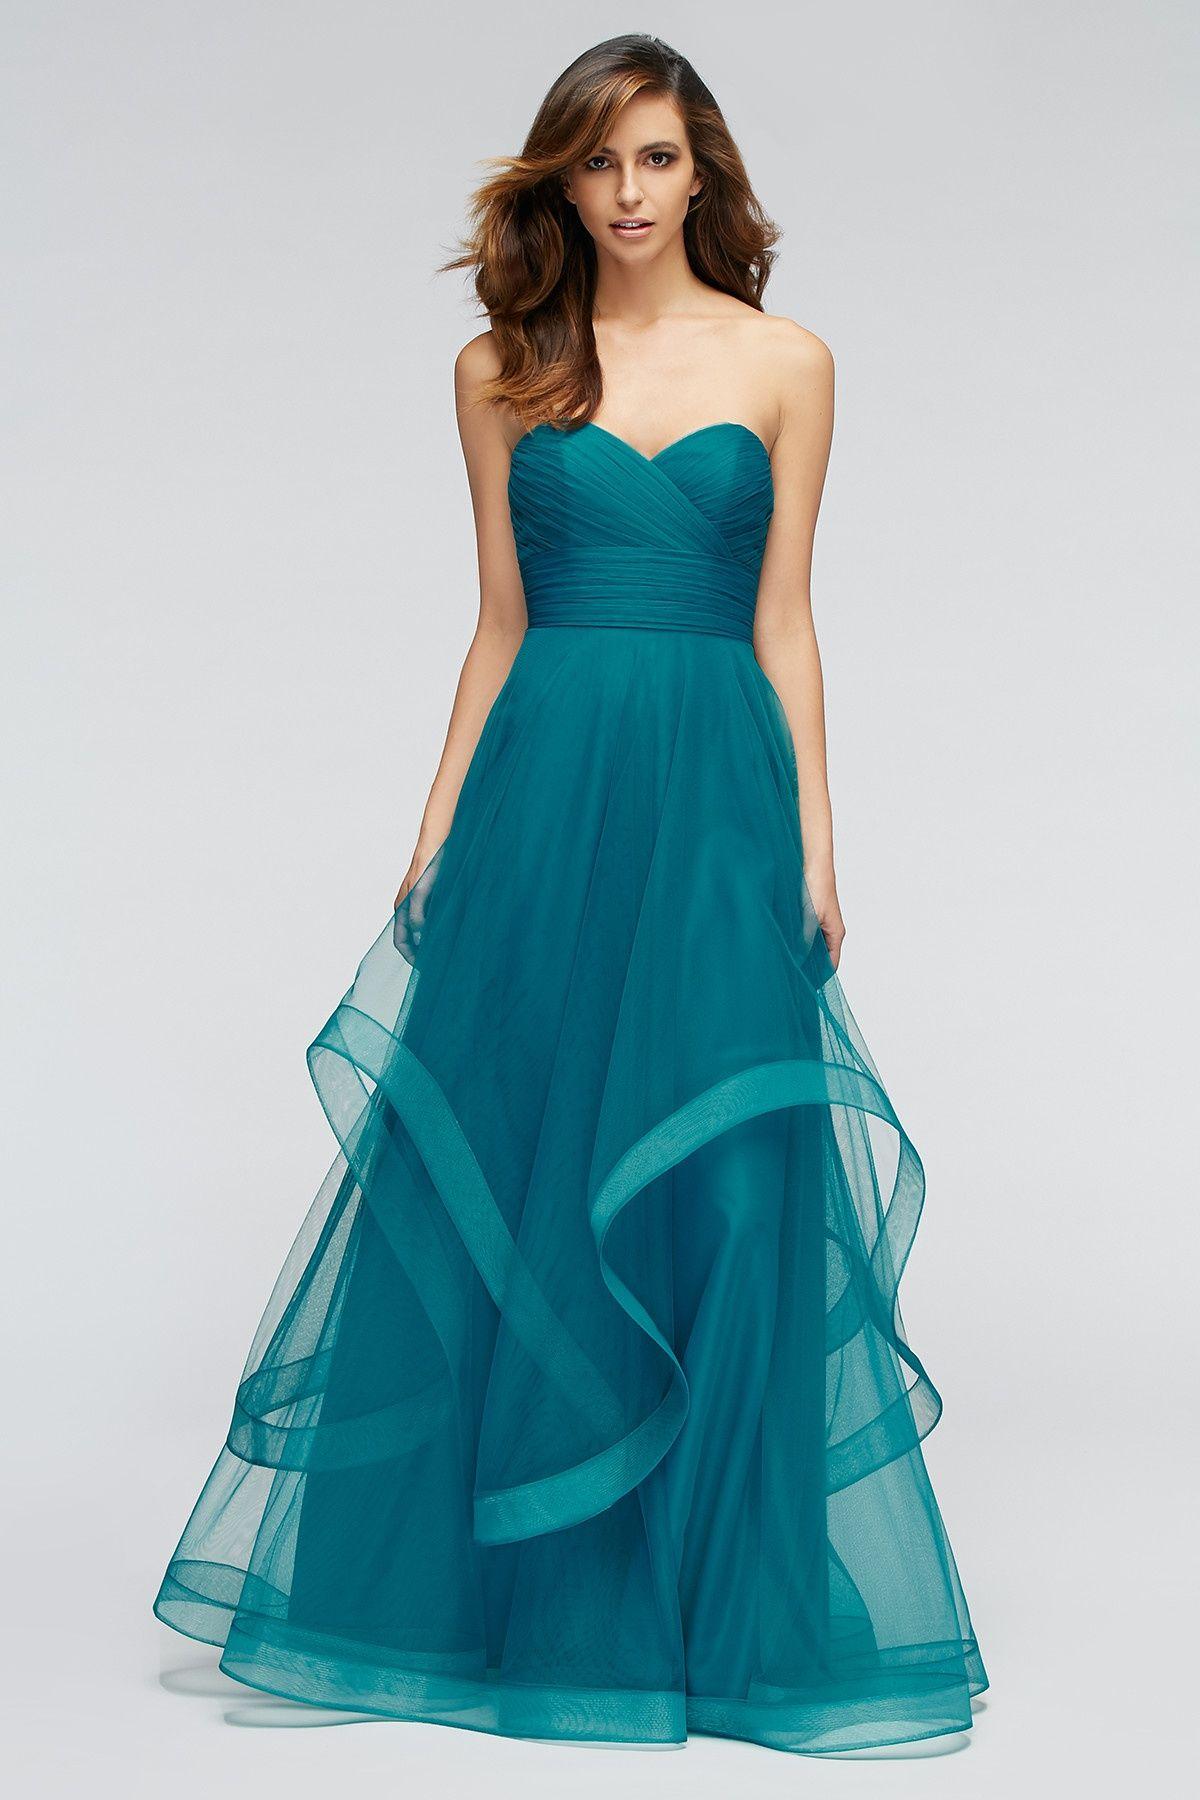 Florian watters bridesmaids pinterest bridal boutique